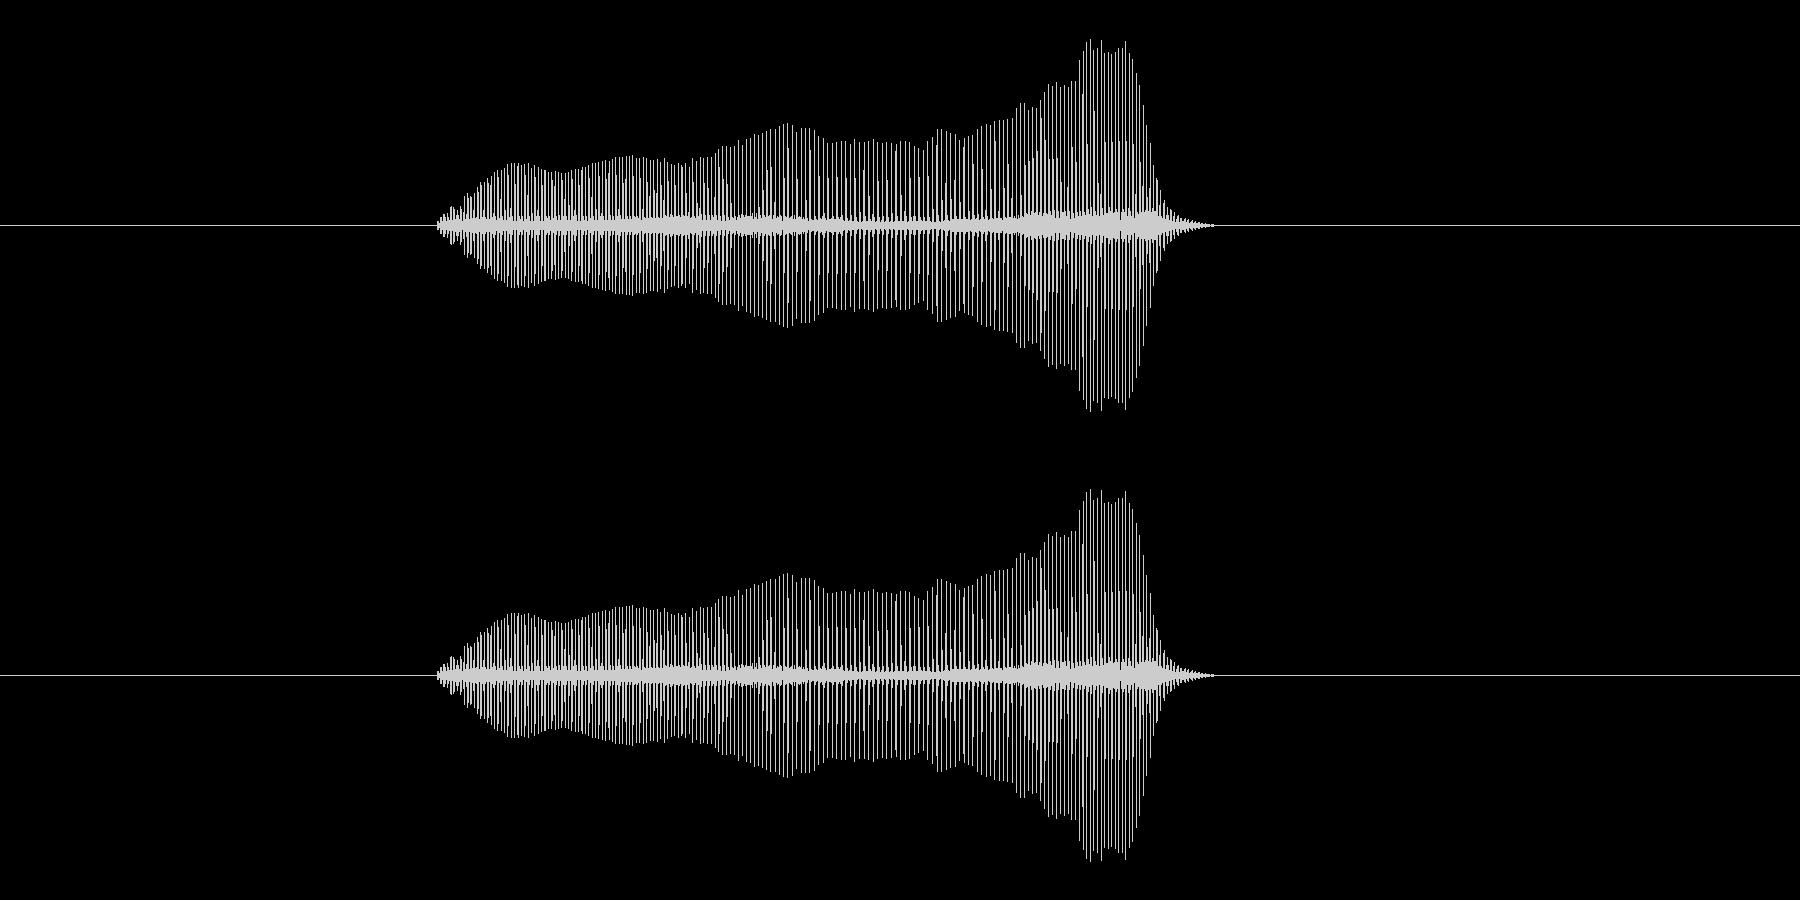 トロンボーンあるあるフレーズBPM300の未再生の波形